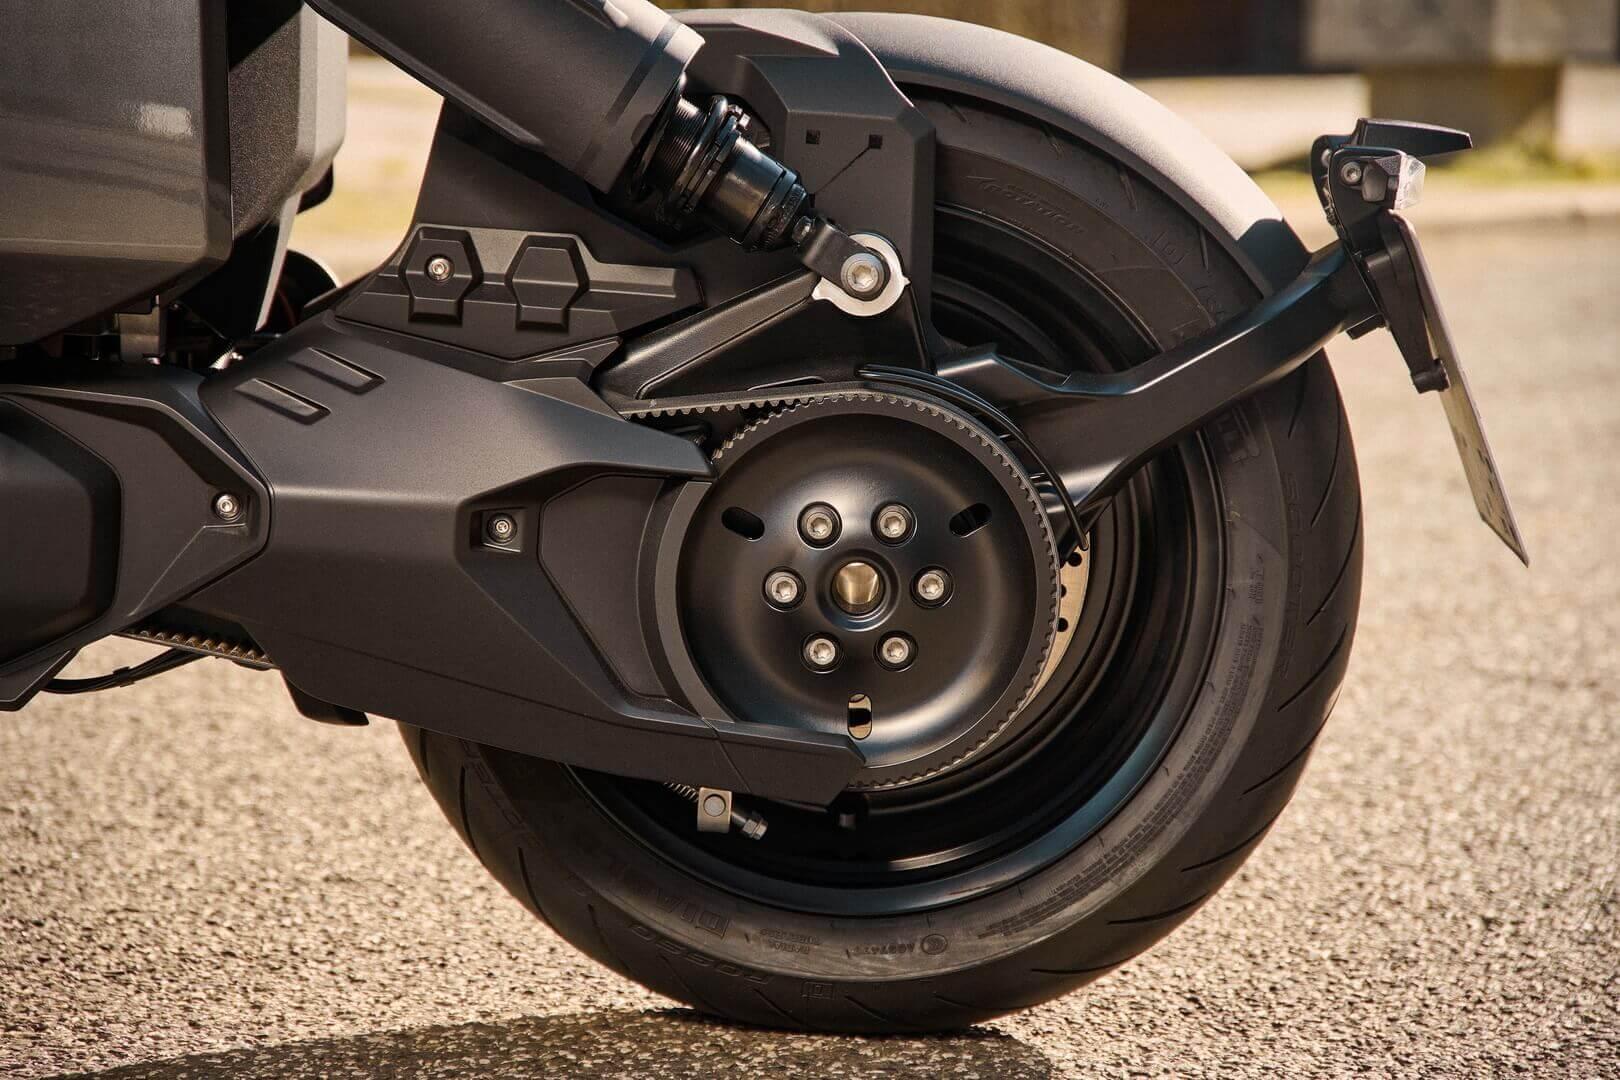 BMW CE 04 получил мощную тормозную систему, оснащенную системой ABS последнего поколения